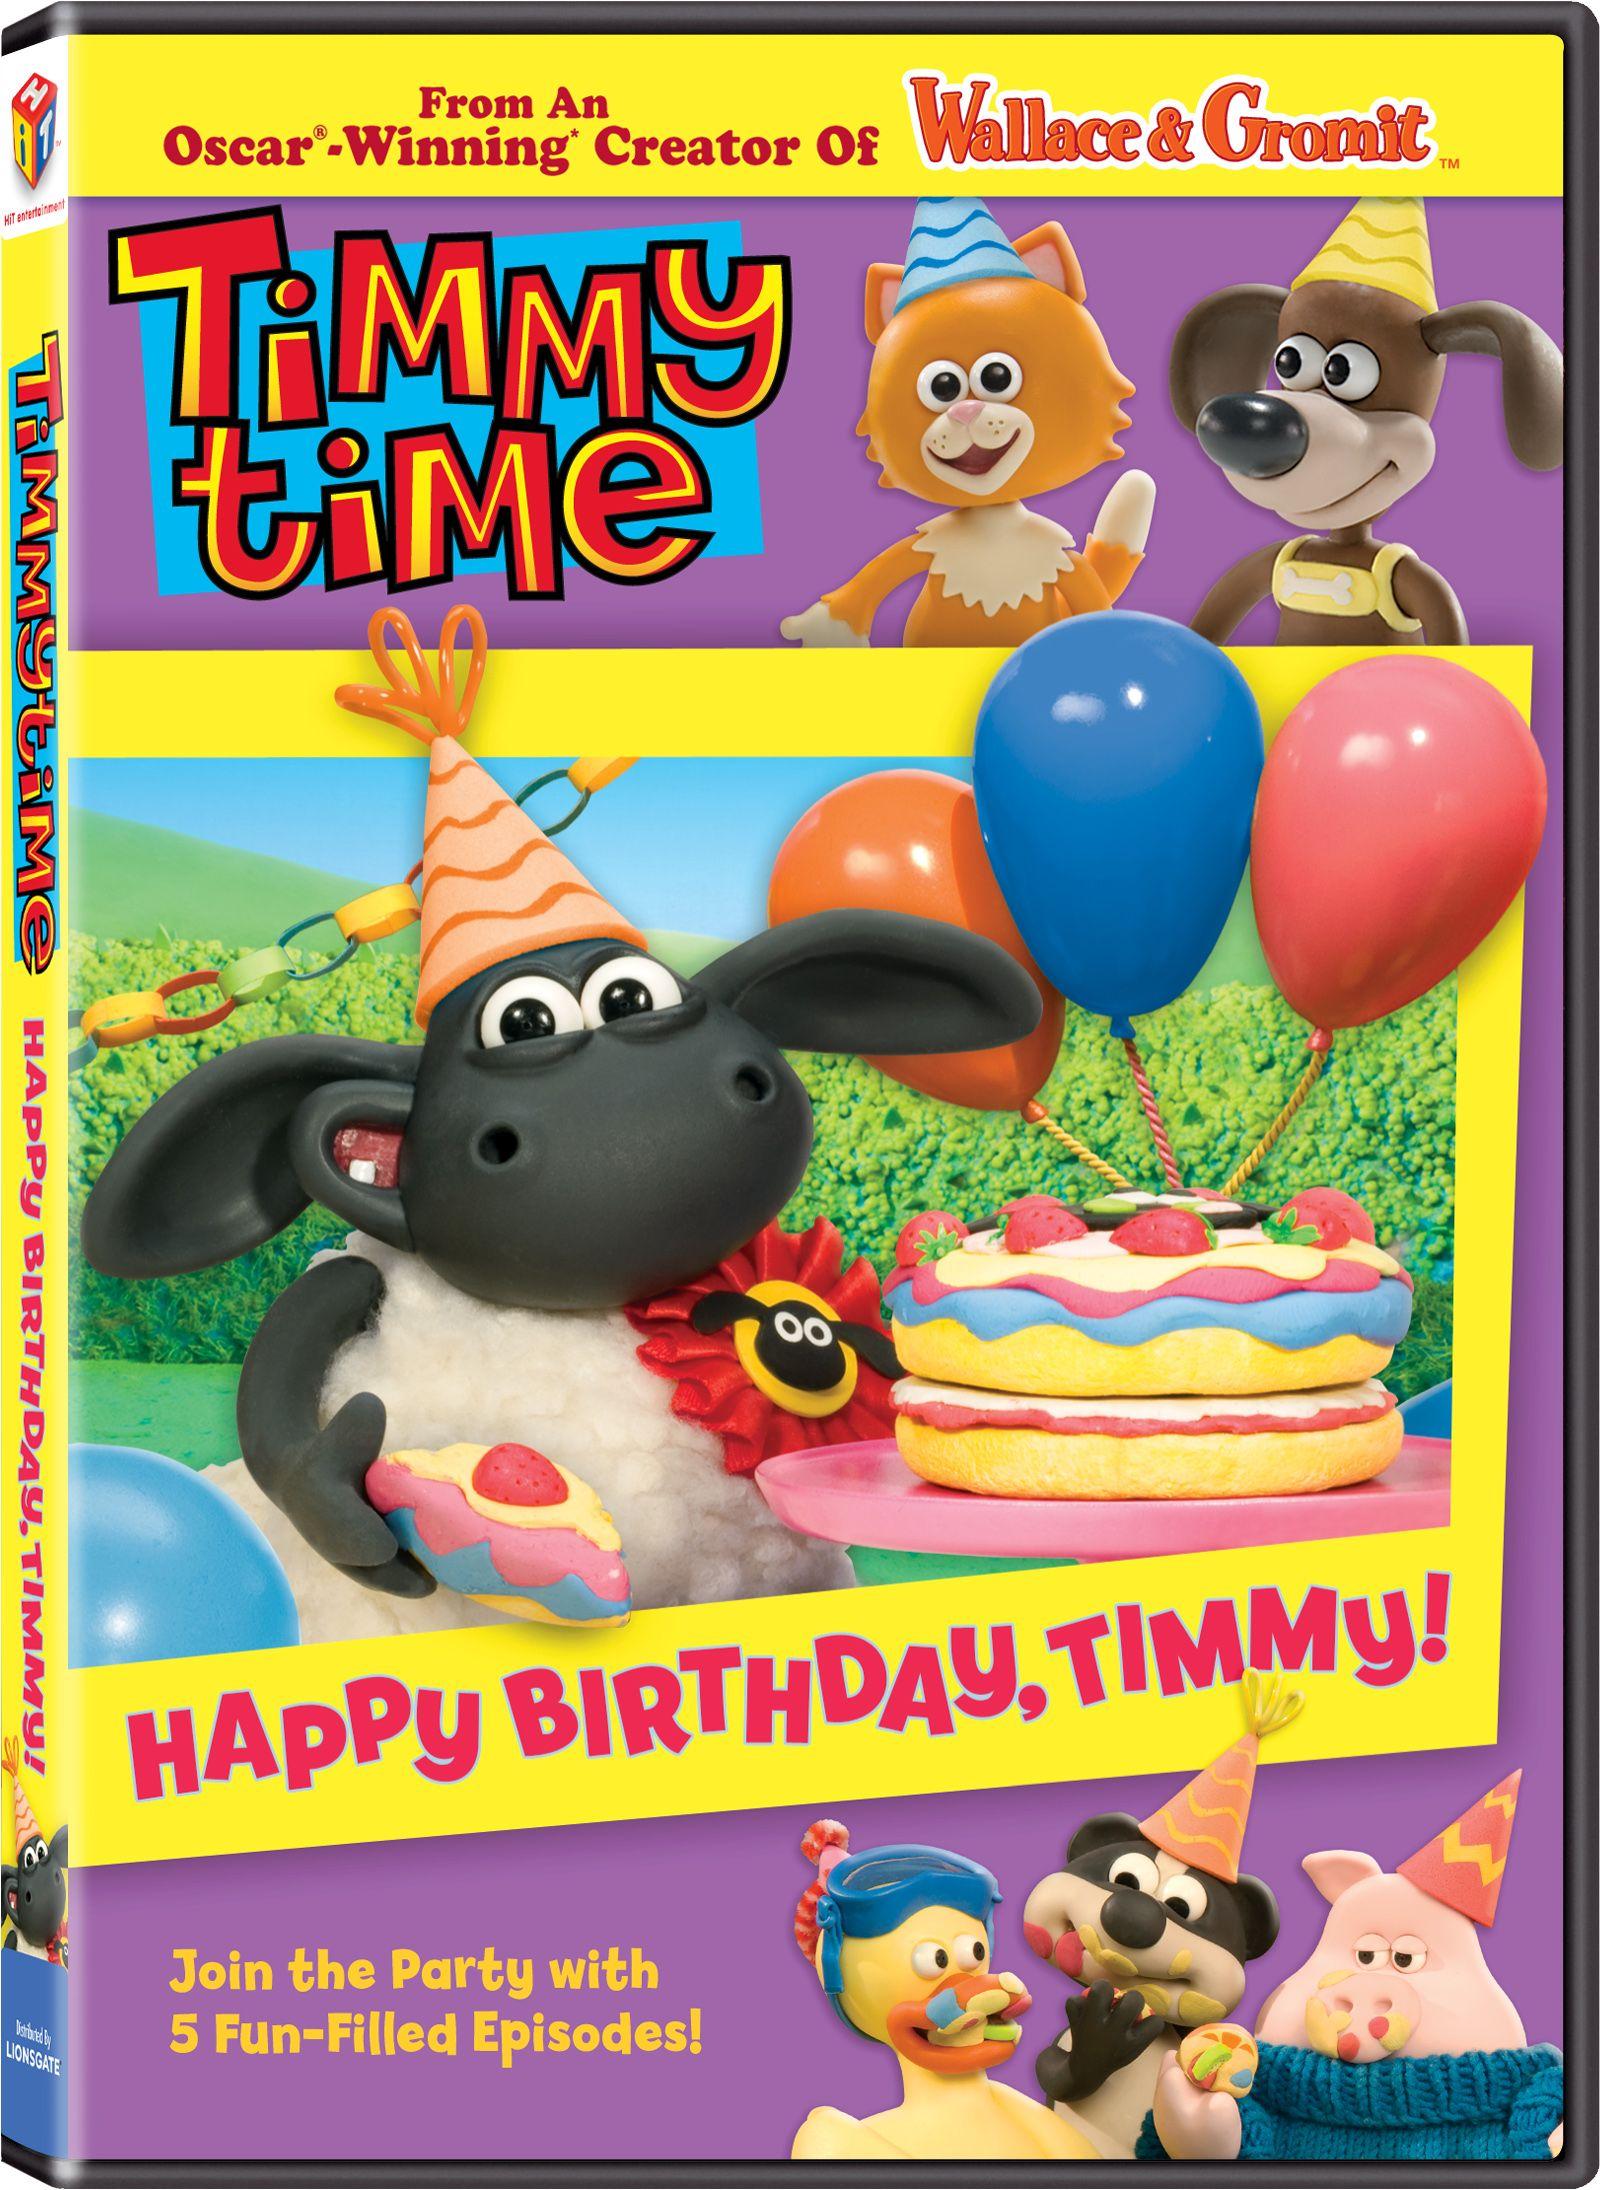 Happy Birthday Timmy Cake